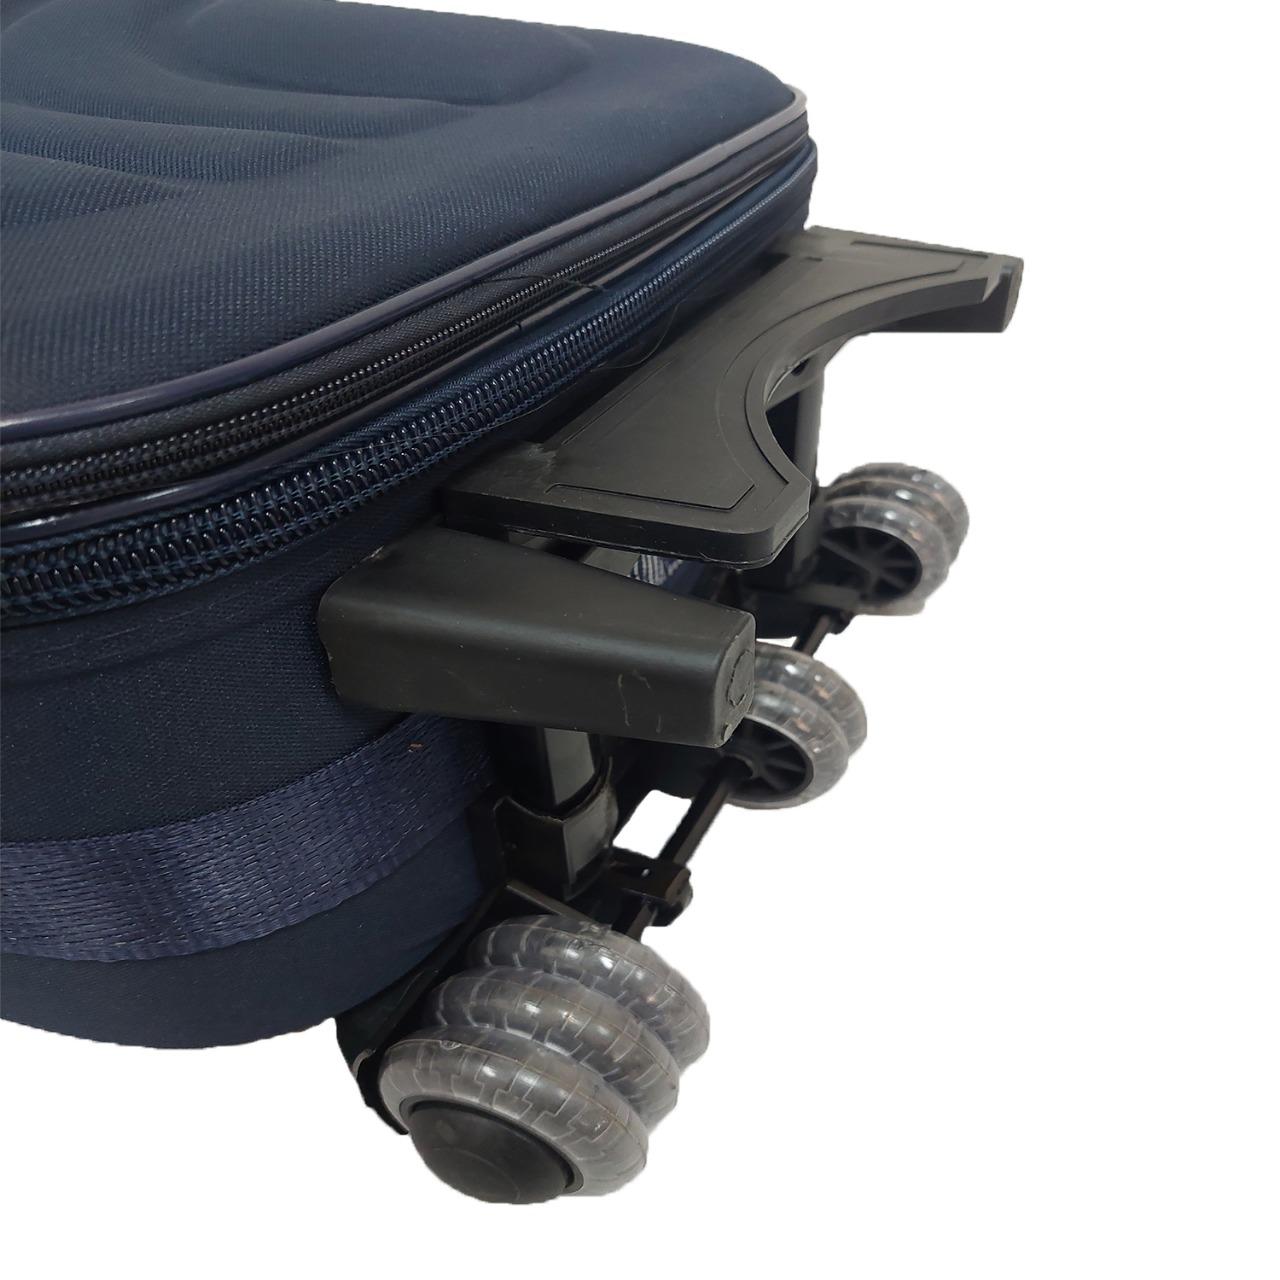 Kit 3 Mala de Viagem em Tecido de  Nylon Com Expansor e Ziper - 17113